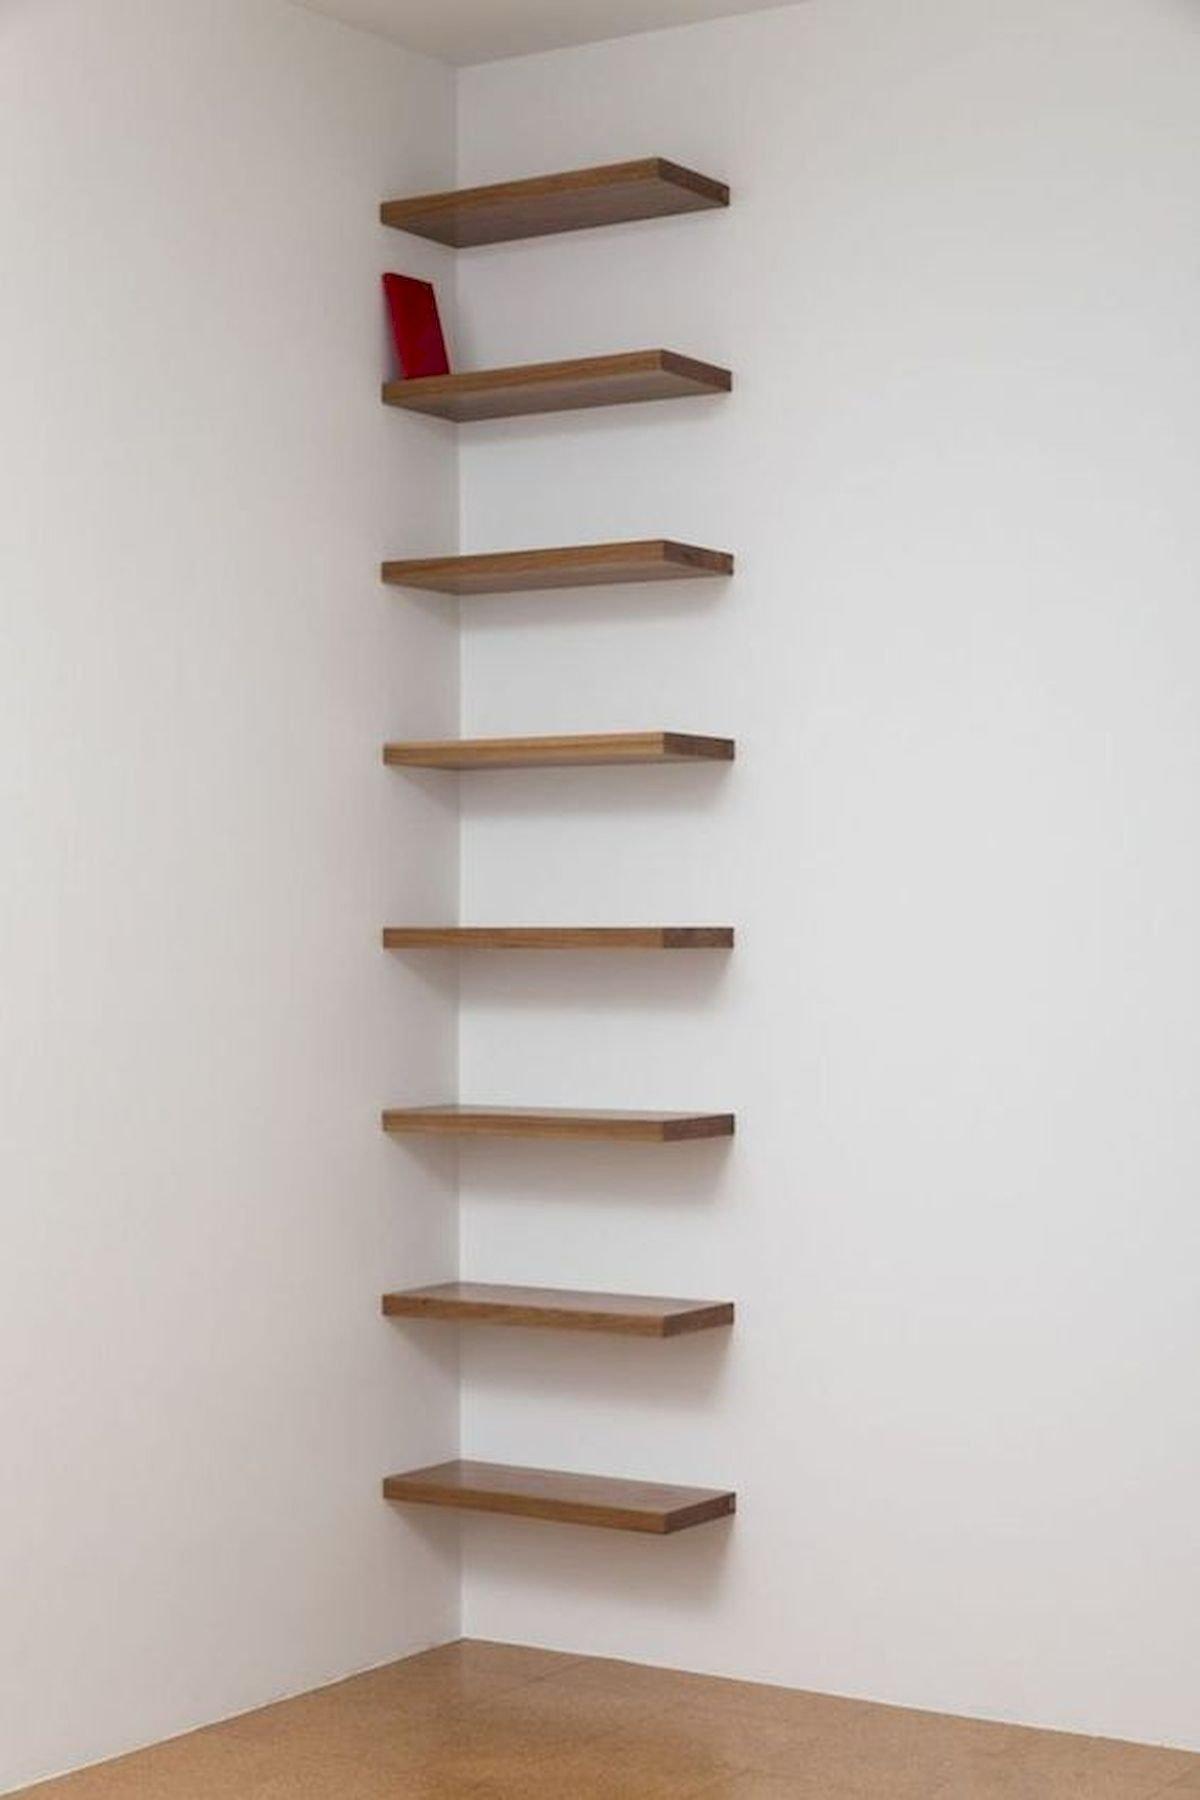 50 Amazing DIY Bookshelf Design Ideas For Your Home (3)